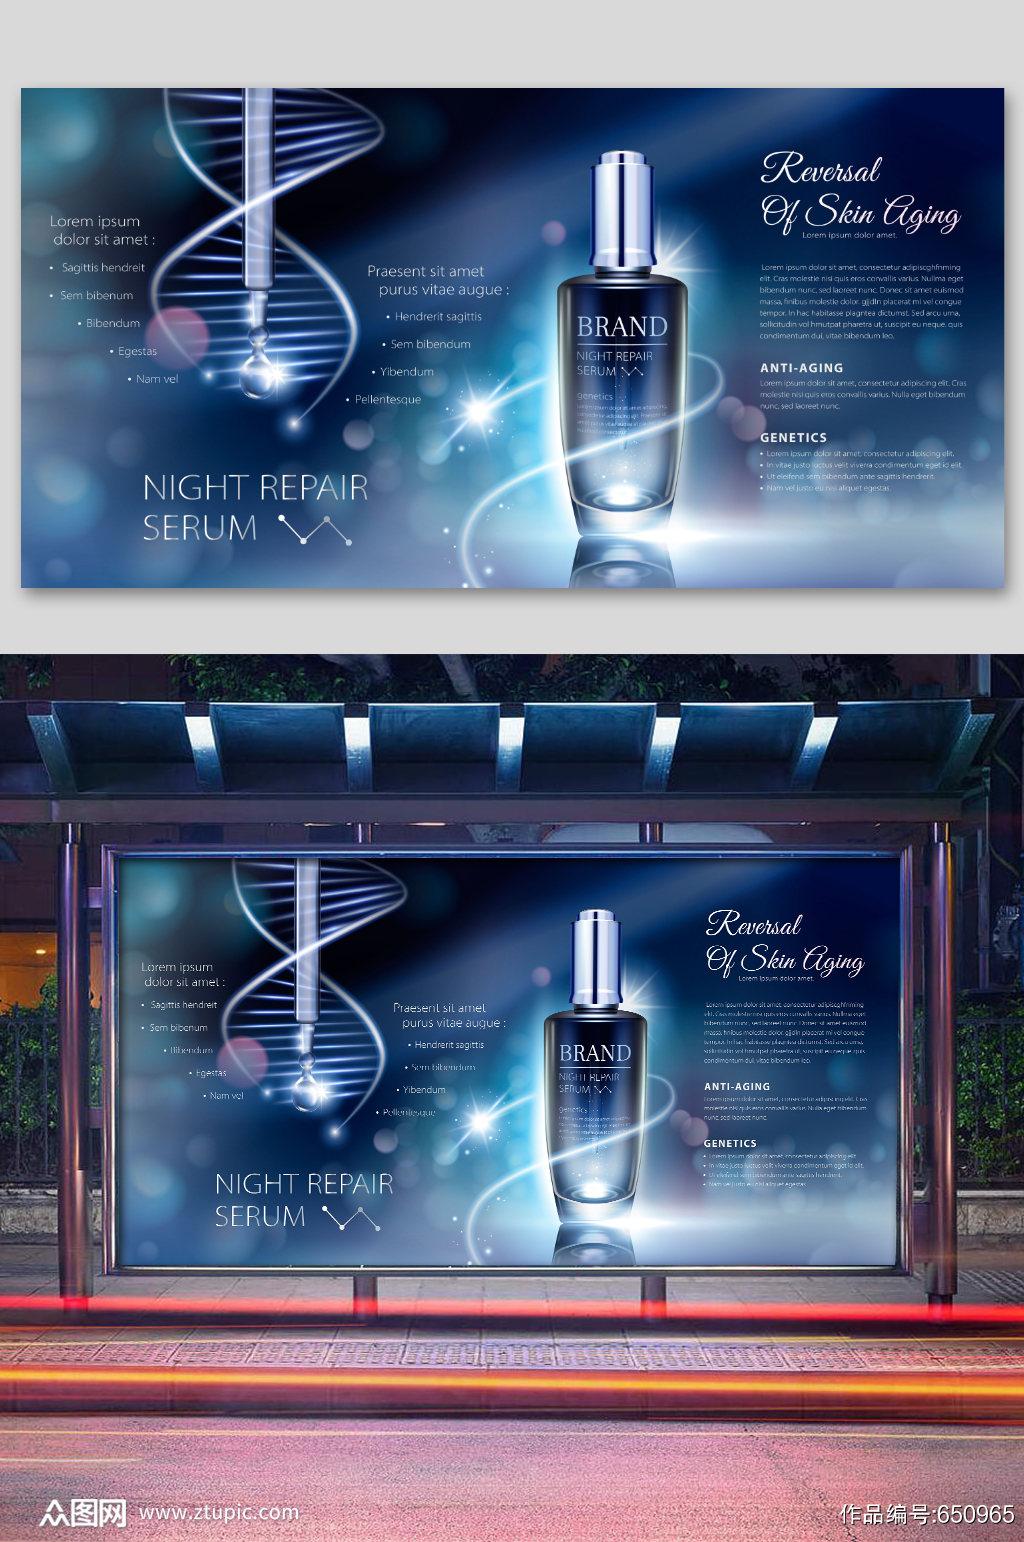 夜晚修复护肤化妆品海报展板素材